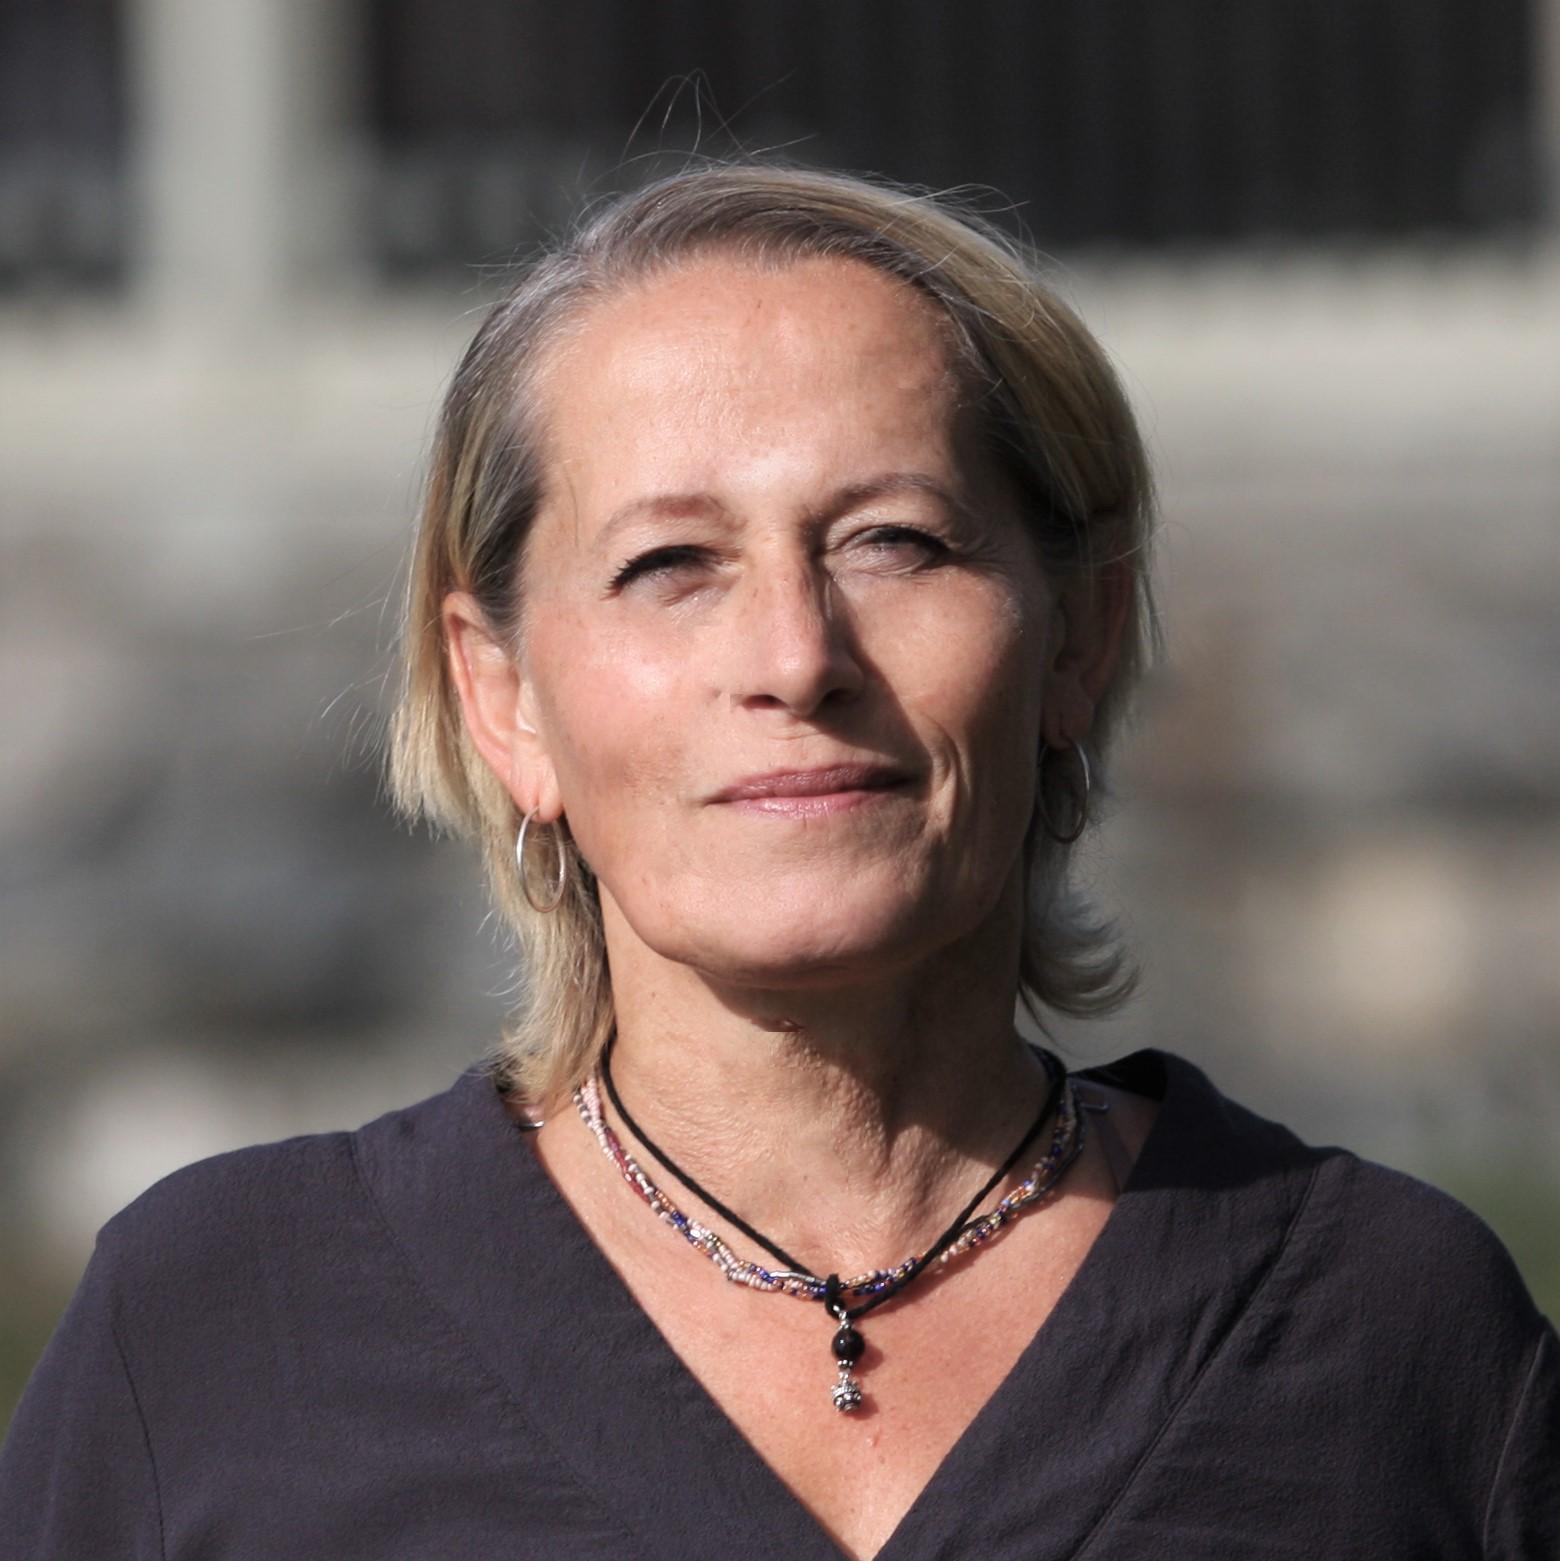 Rosie Samuelsson